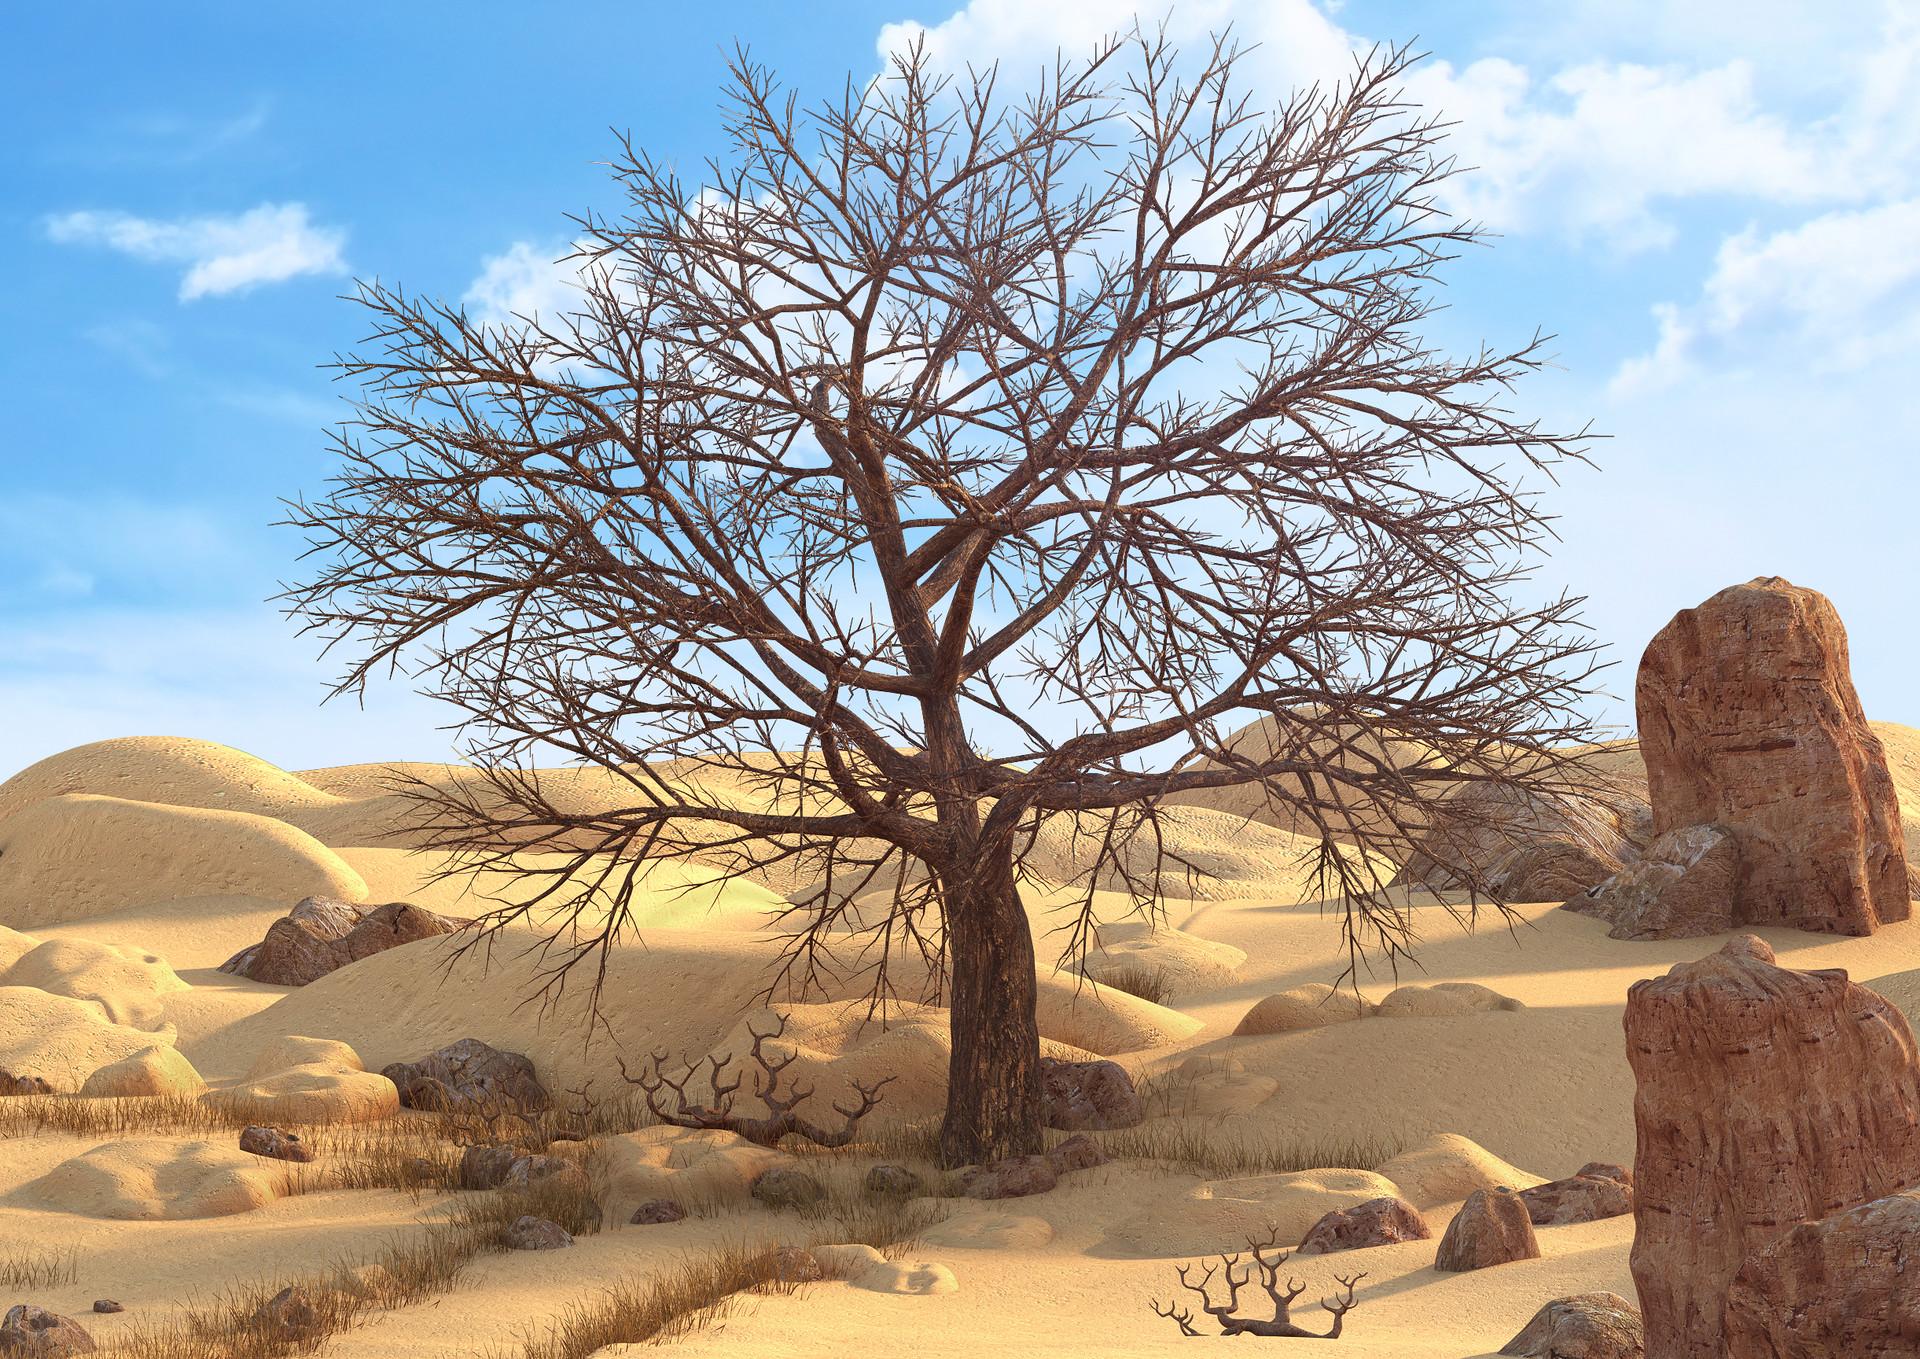 Marc mons desert7